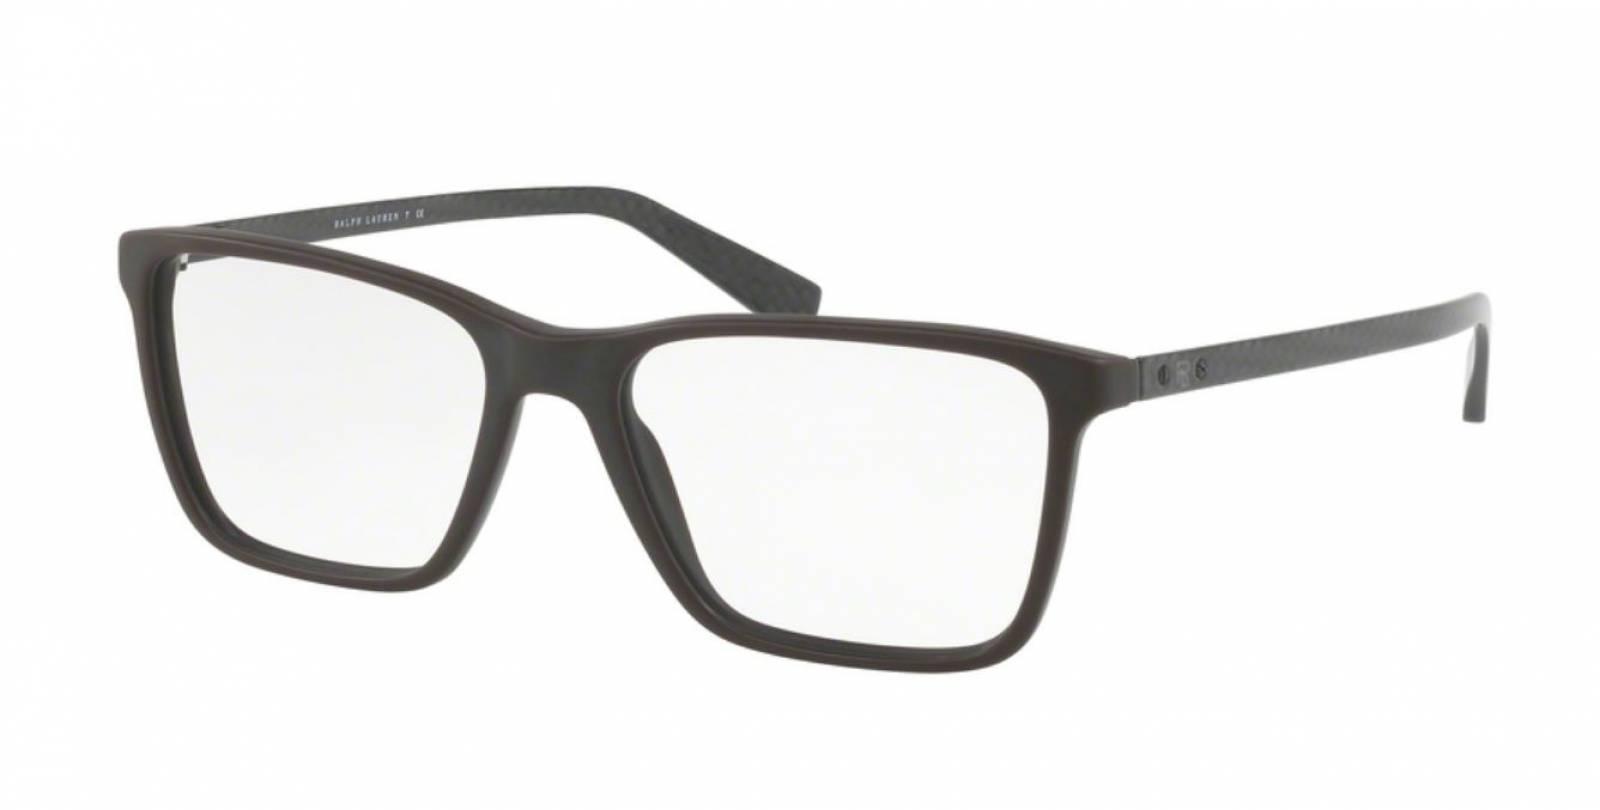 0ab23ea86f4 Lunettes de vue homme tendances   Polo Ralph Lauren - Opticien ...